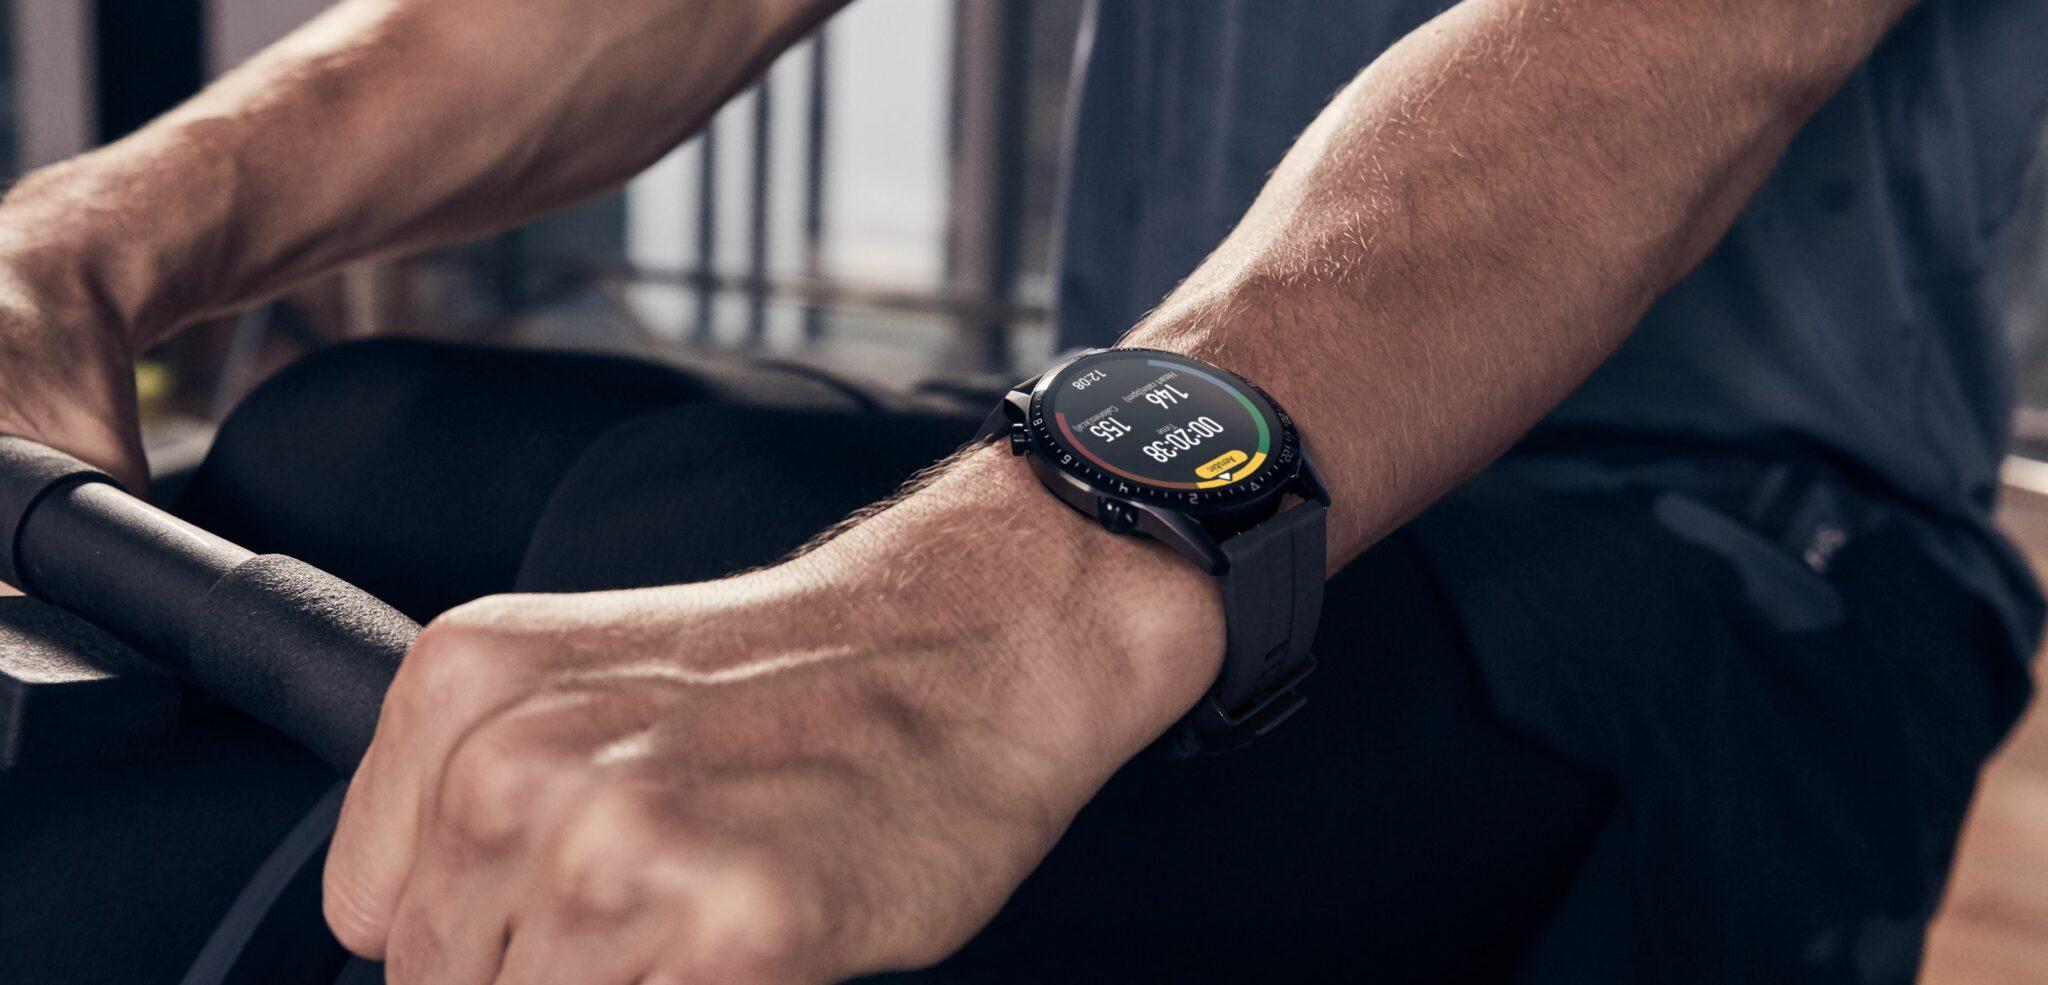 Обзор смарт-часов Huawei Watch GT2 - смарт-часы для тренировок